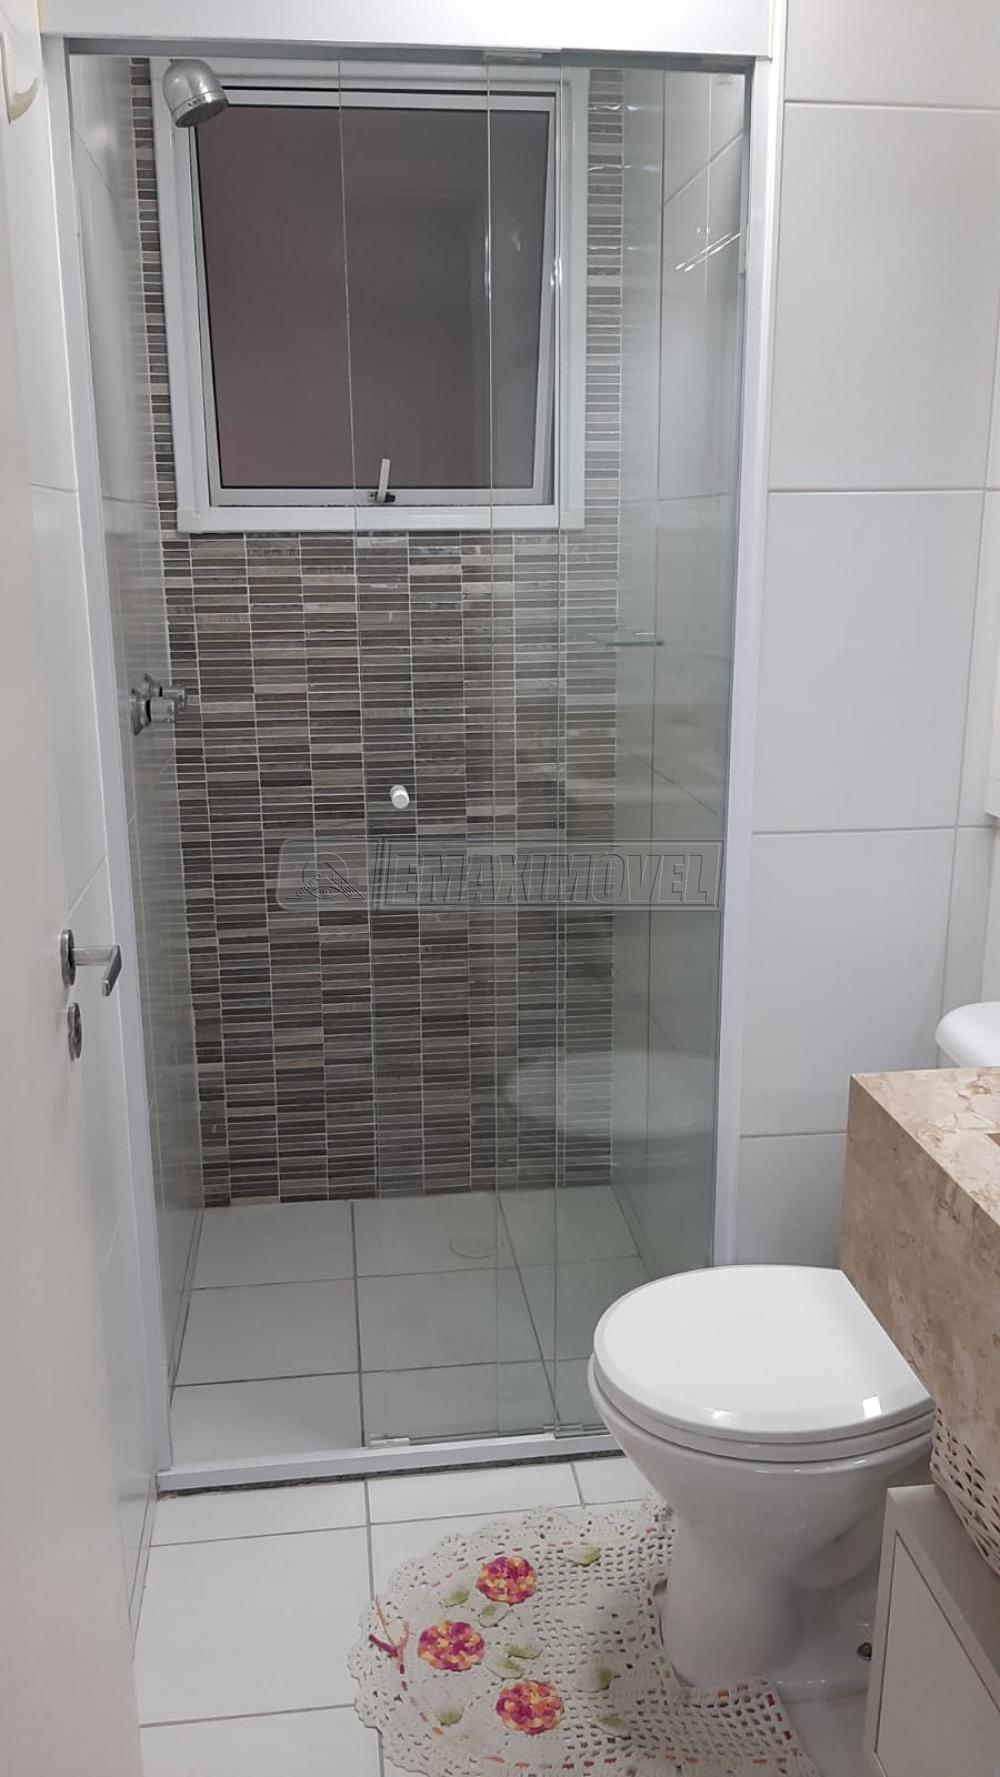 Comprar Apartamento / Padrão em Sorocaba R$ 370.000,00 - Foto 18